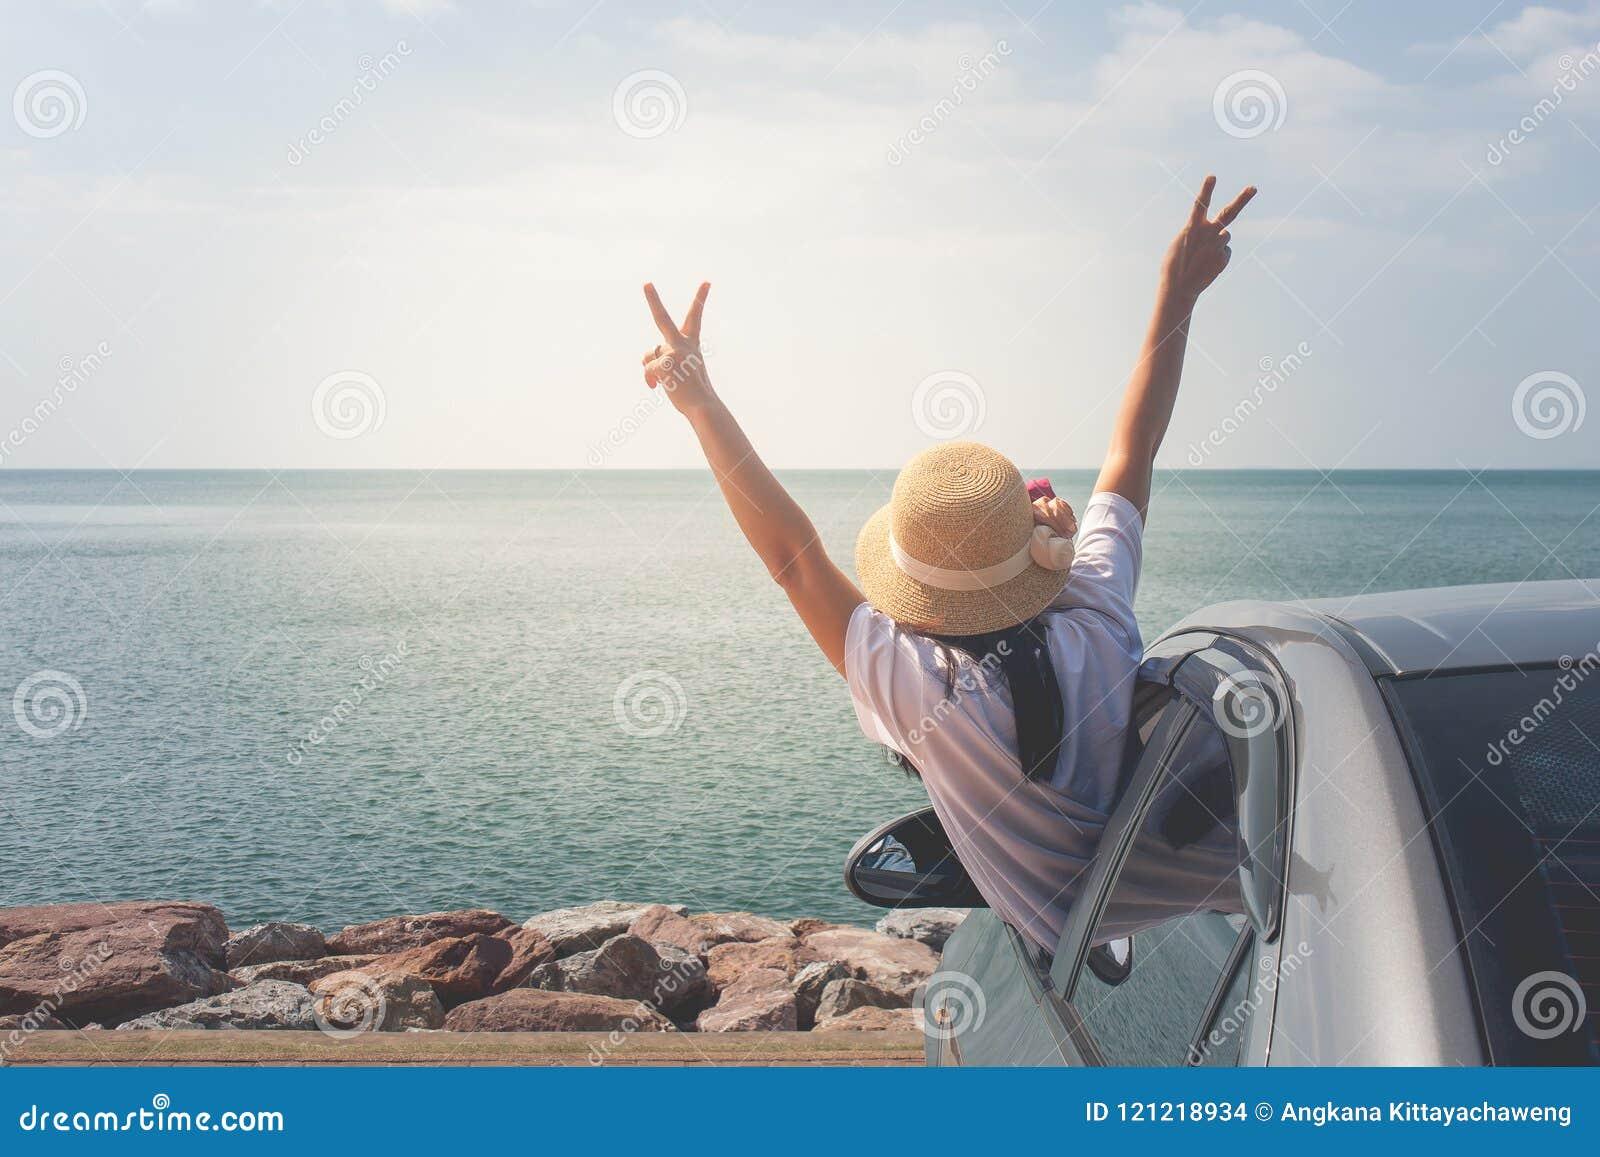 Familienautoreise in dem Meer, Porträtfrau nett, ihre Hände oben anhebend und Glück glaubend